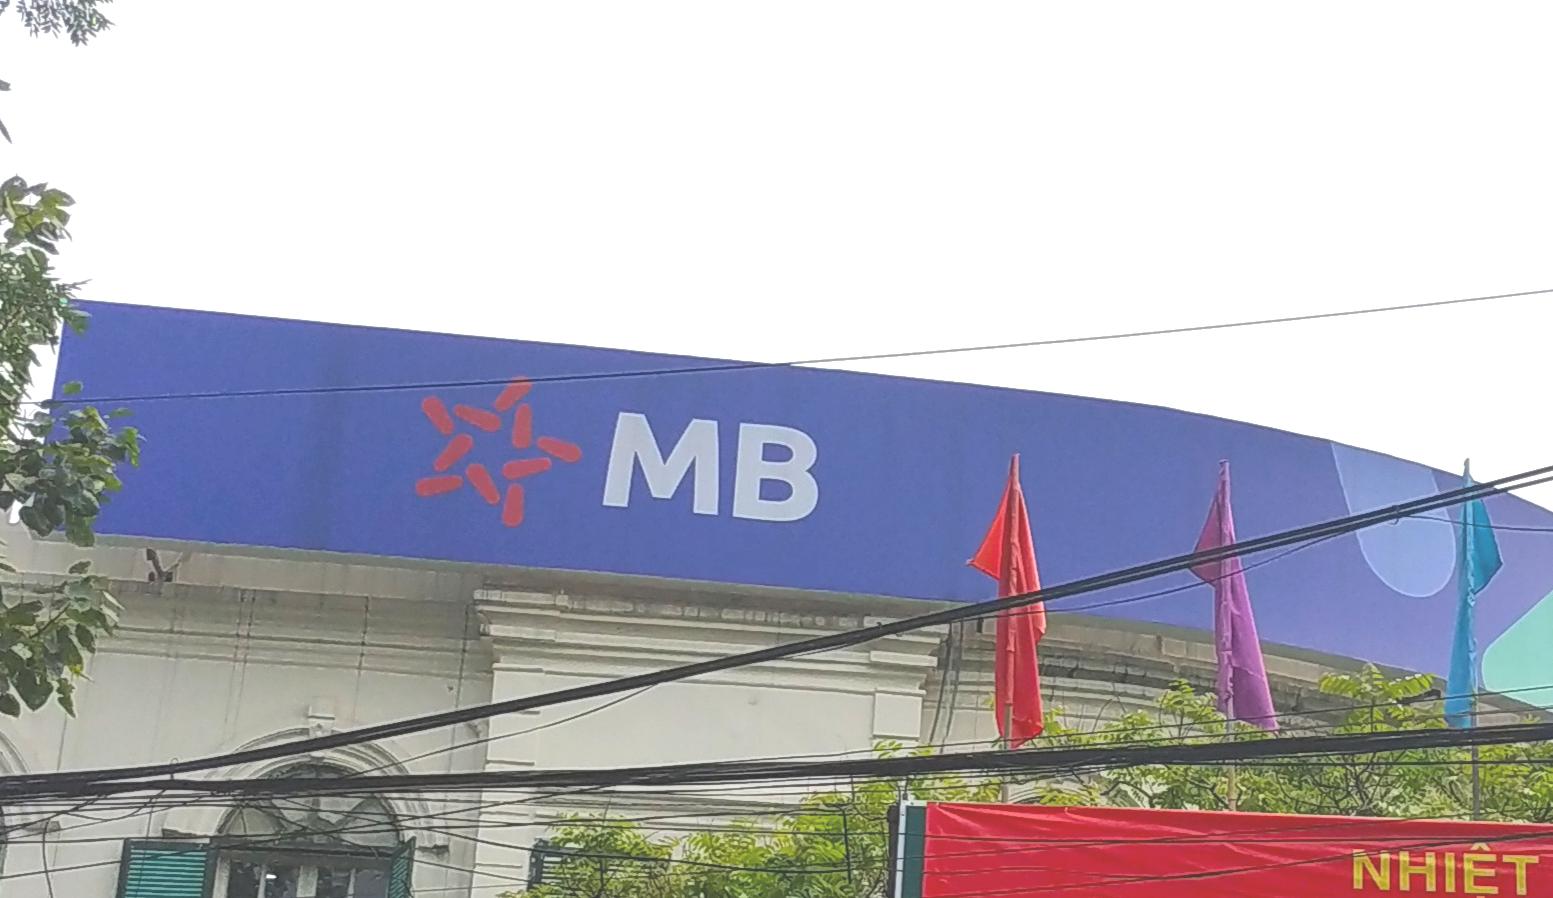 Tổng Giám đốc MB đã mua 1 triệu cổ phiếu MBB - Ảnh 1.